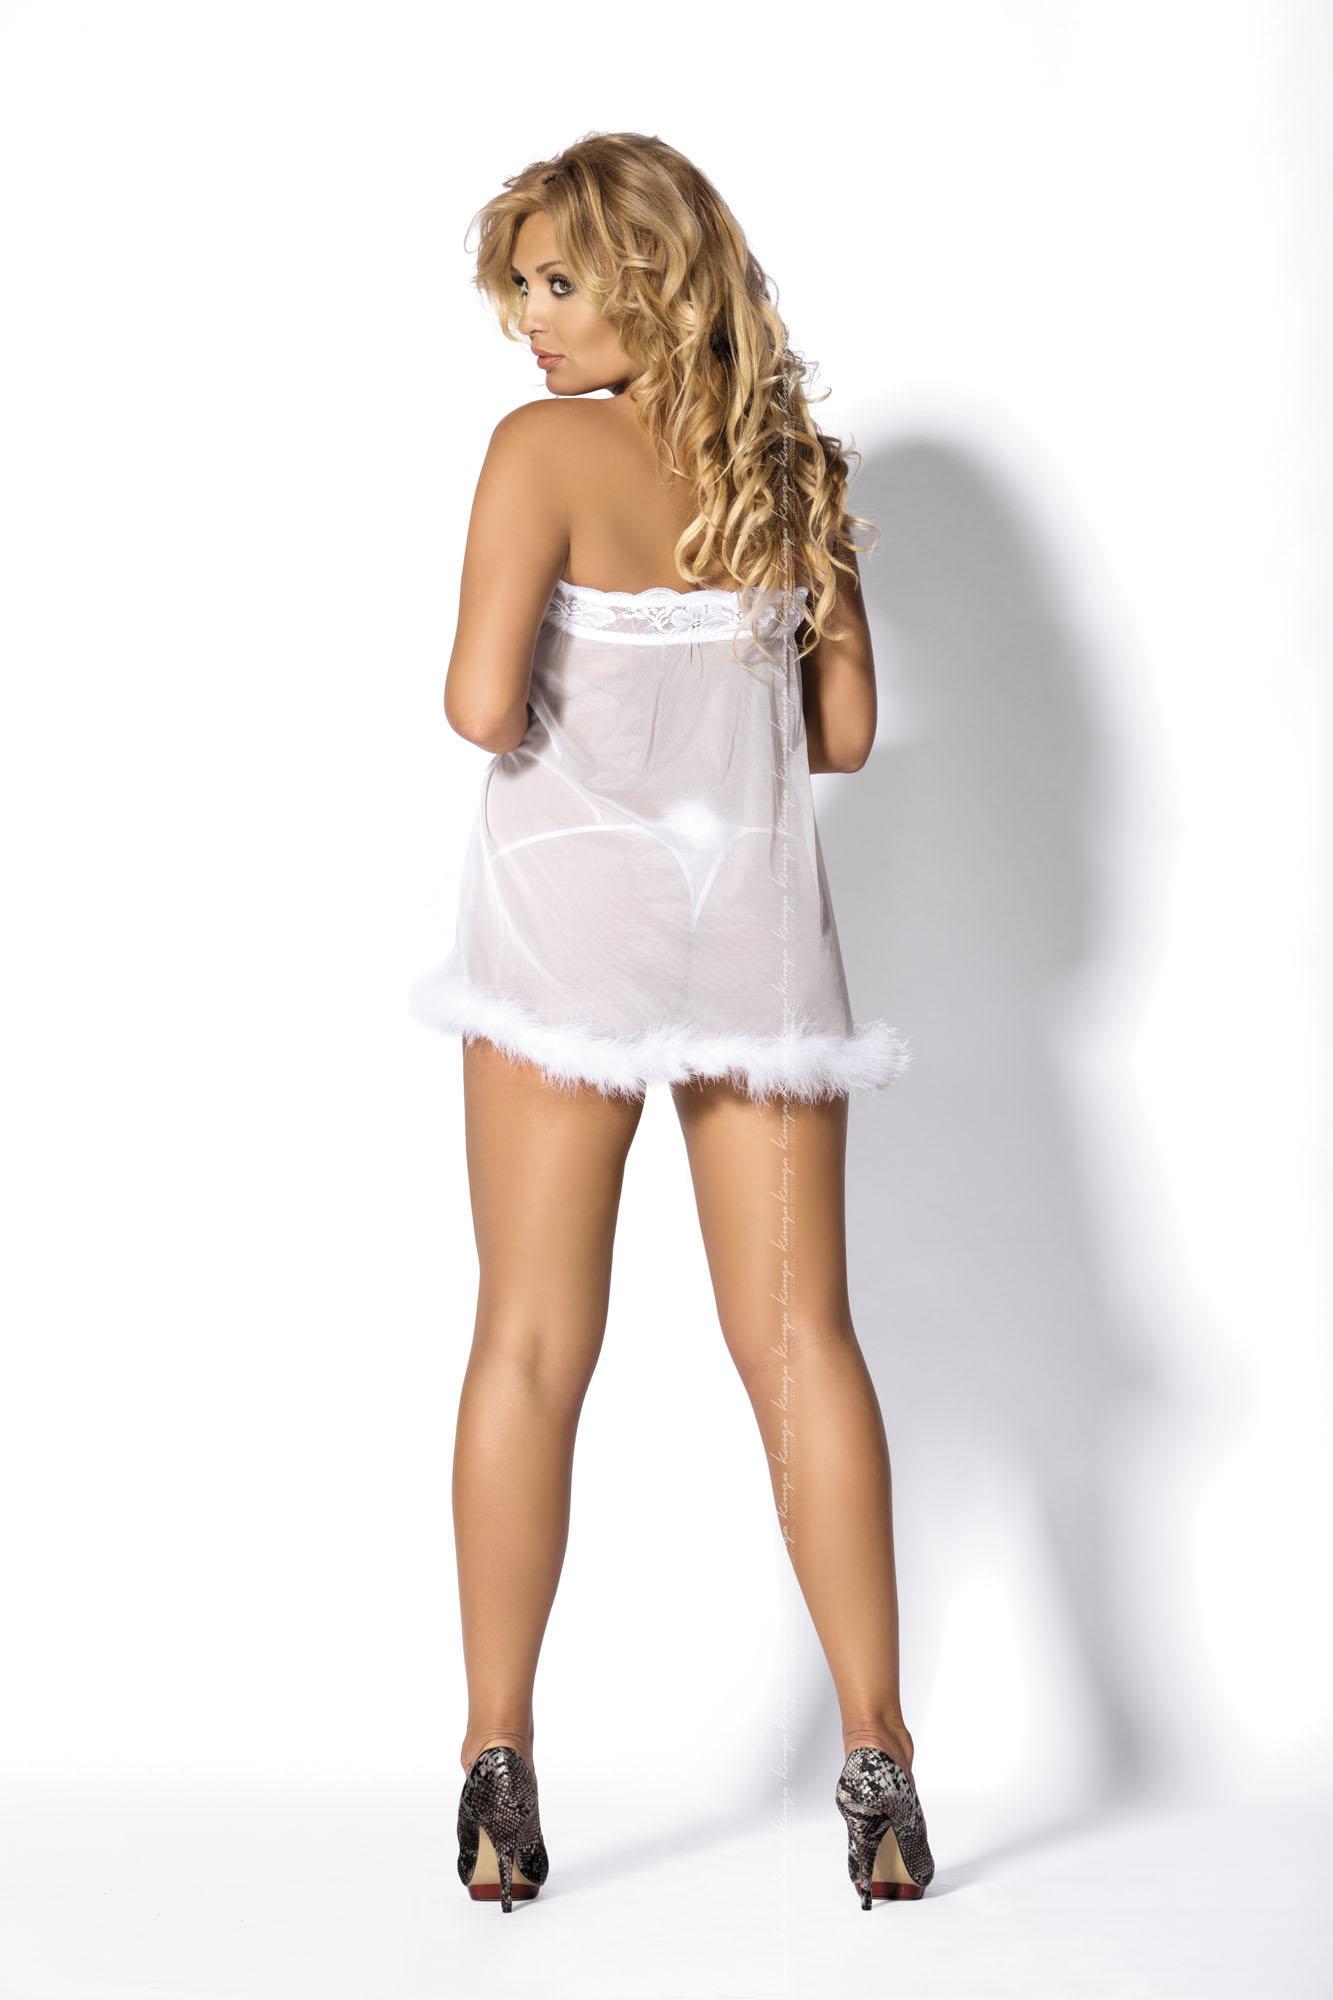 Kinga Lingerie de Femme -  Peniuar  Caress White PE-221 + stringi GRATIS! biały Foto 2